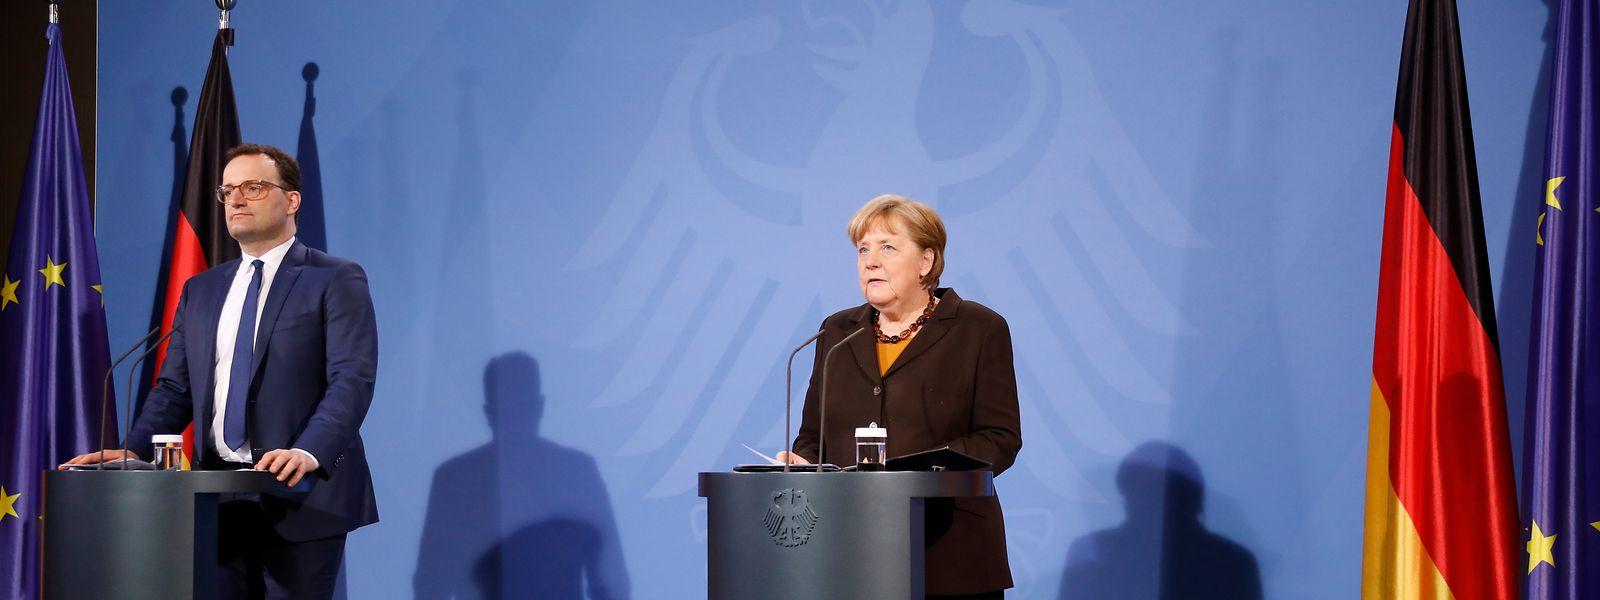 Der deutsche Gesundheitsminister Jens Spahn (CDU) und Bundeskanzlerin Angela Merkel (CDU) geben eine Pressekonferenz über die weitere Verwendung des Impfstoffs von AstraZeneca.